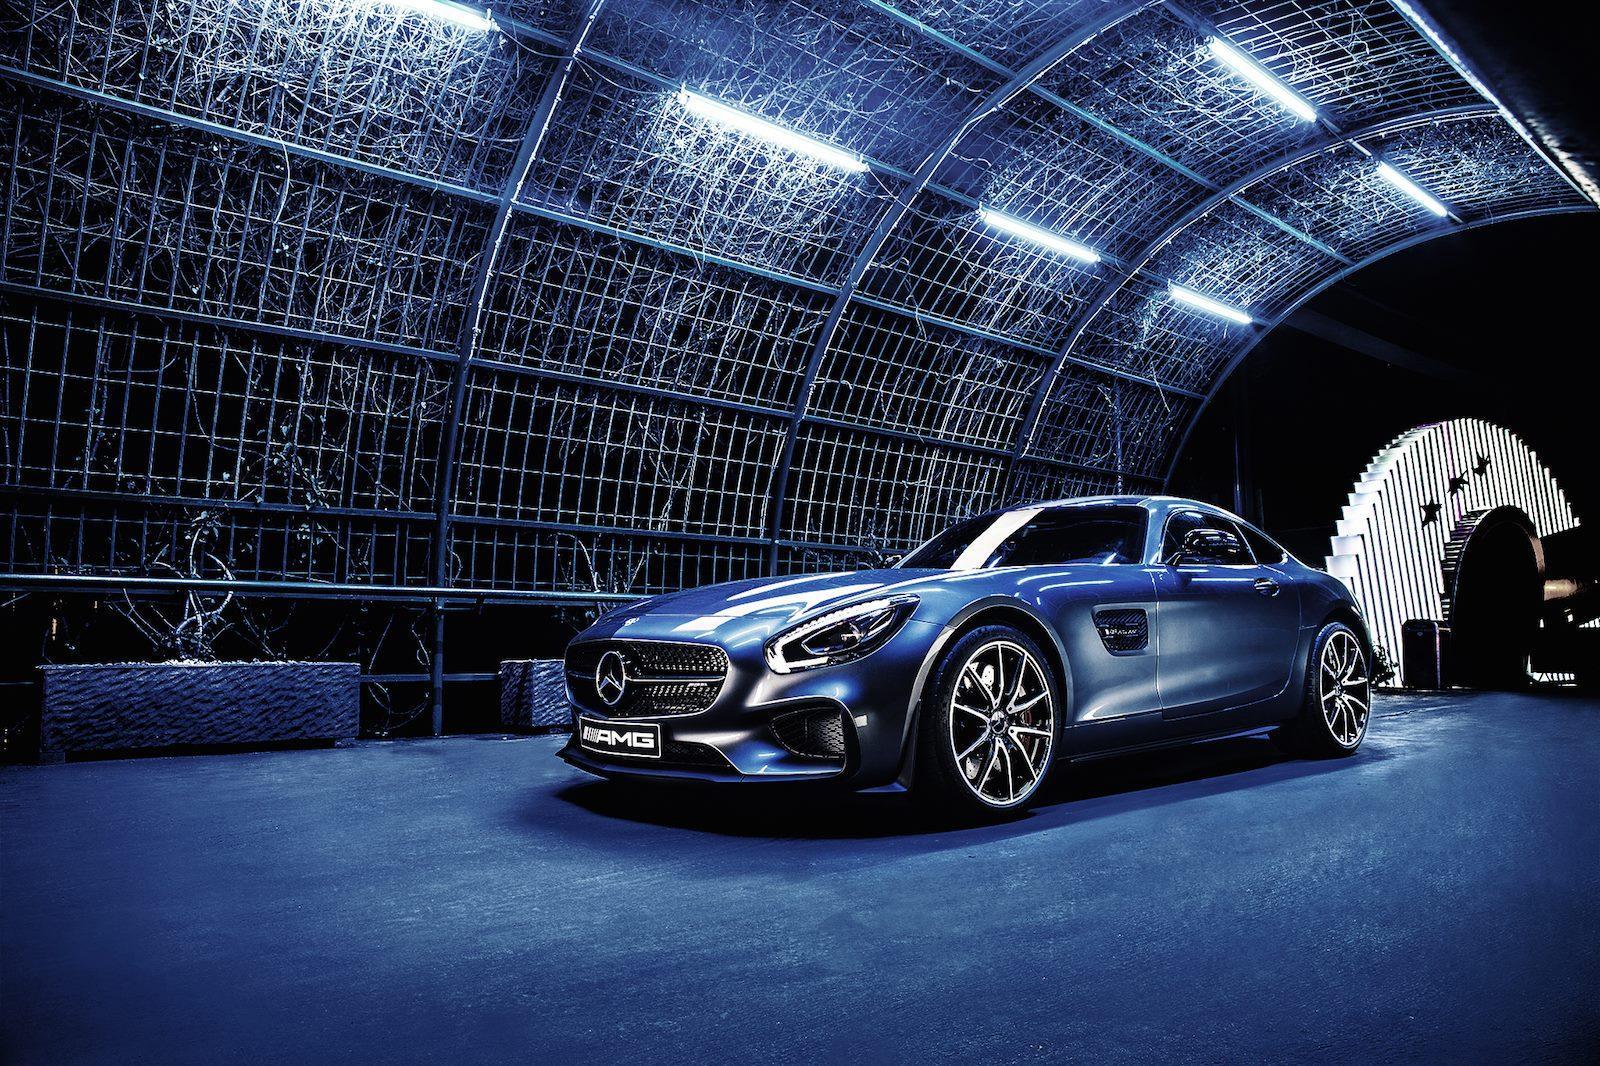 10 imagini care te vor face sa-ti doresti cu ardoare un Mercedes nou - 10 imagini care te vor face sa-ti doresti cu ardoare un Mercedes nou